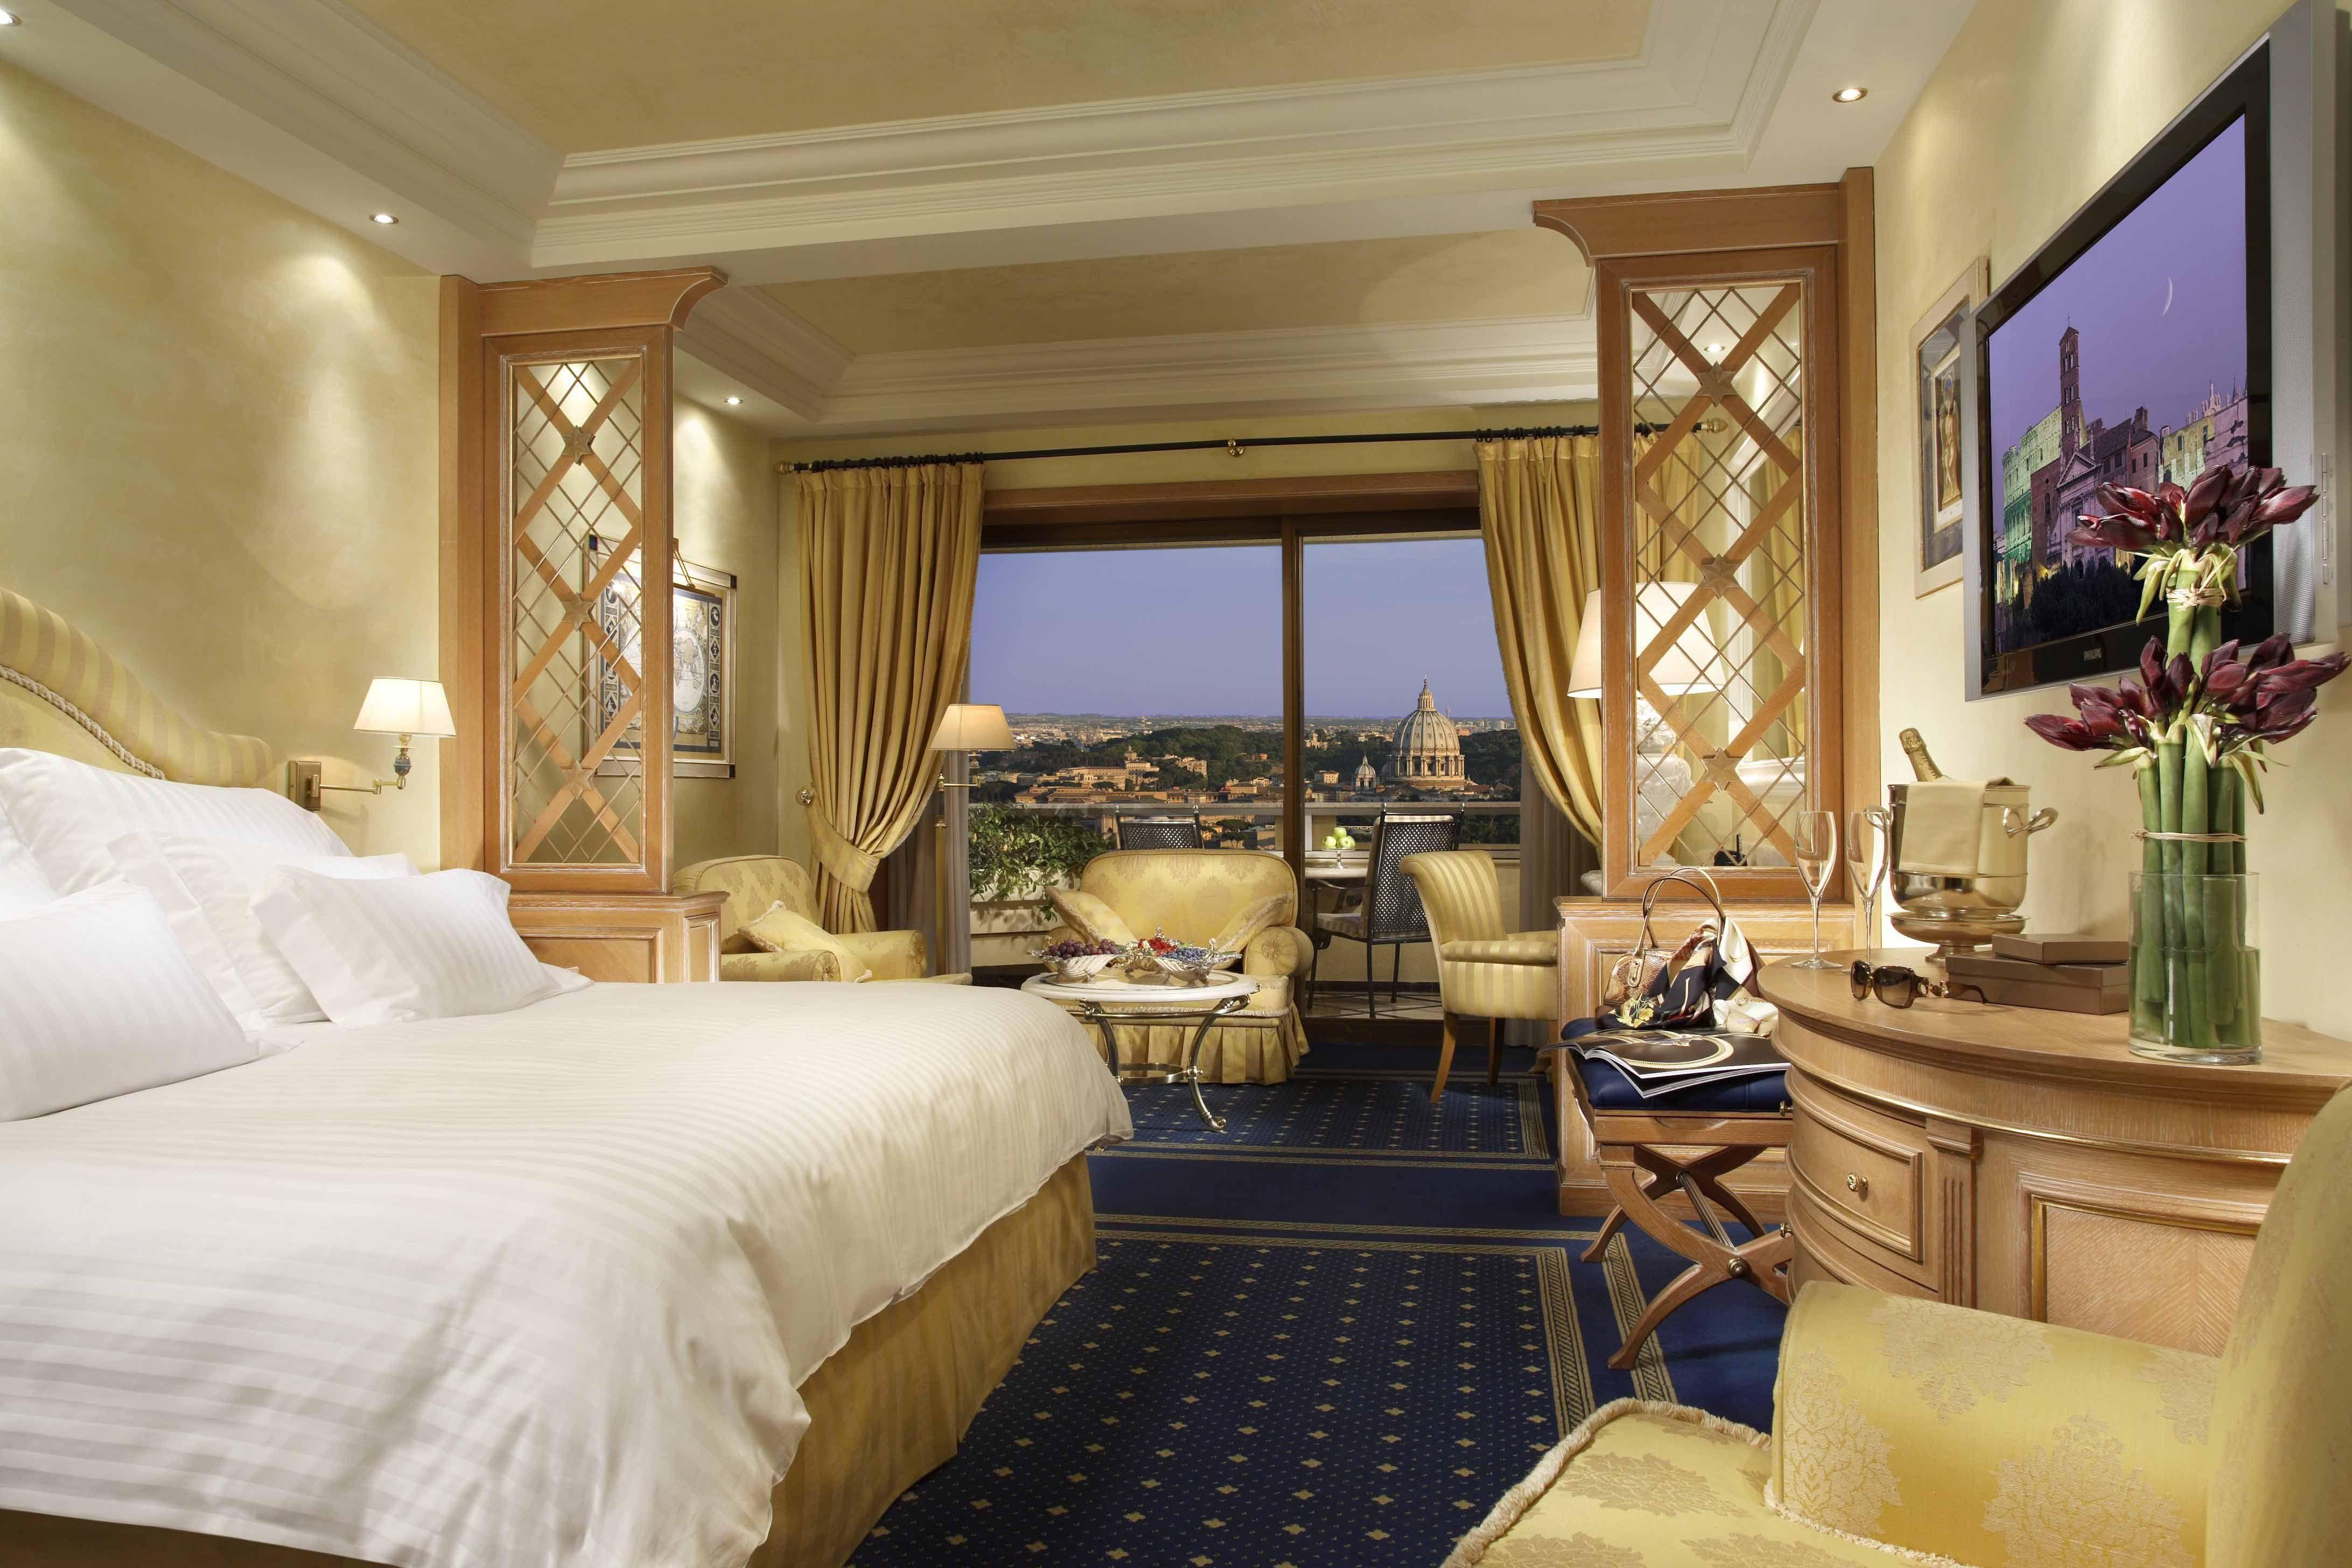 WaldorfAstoria Rome Italy honeymoon honeymoon suite romantic